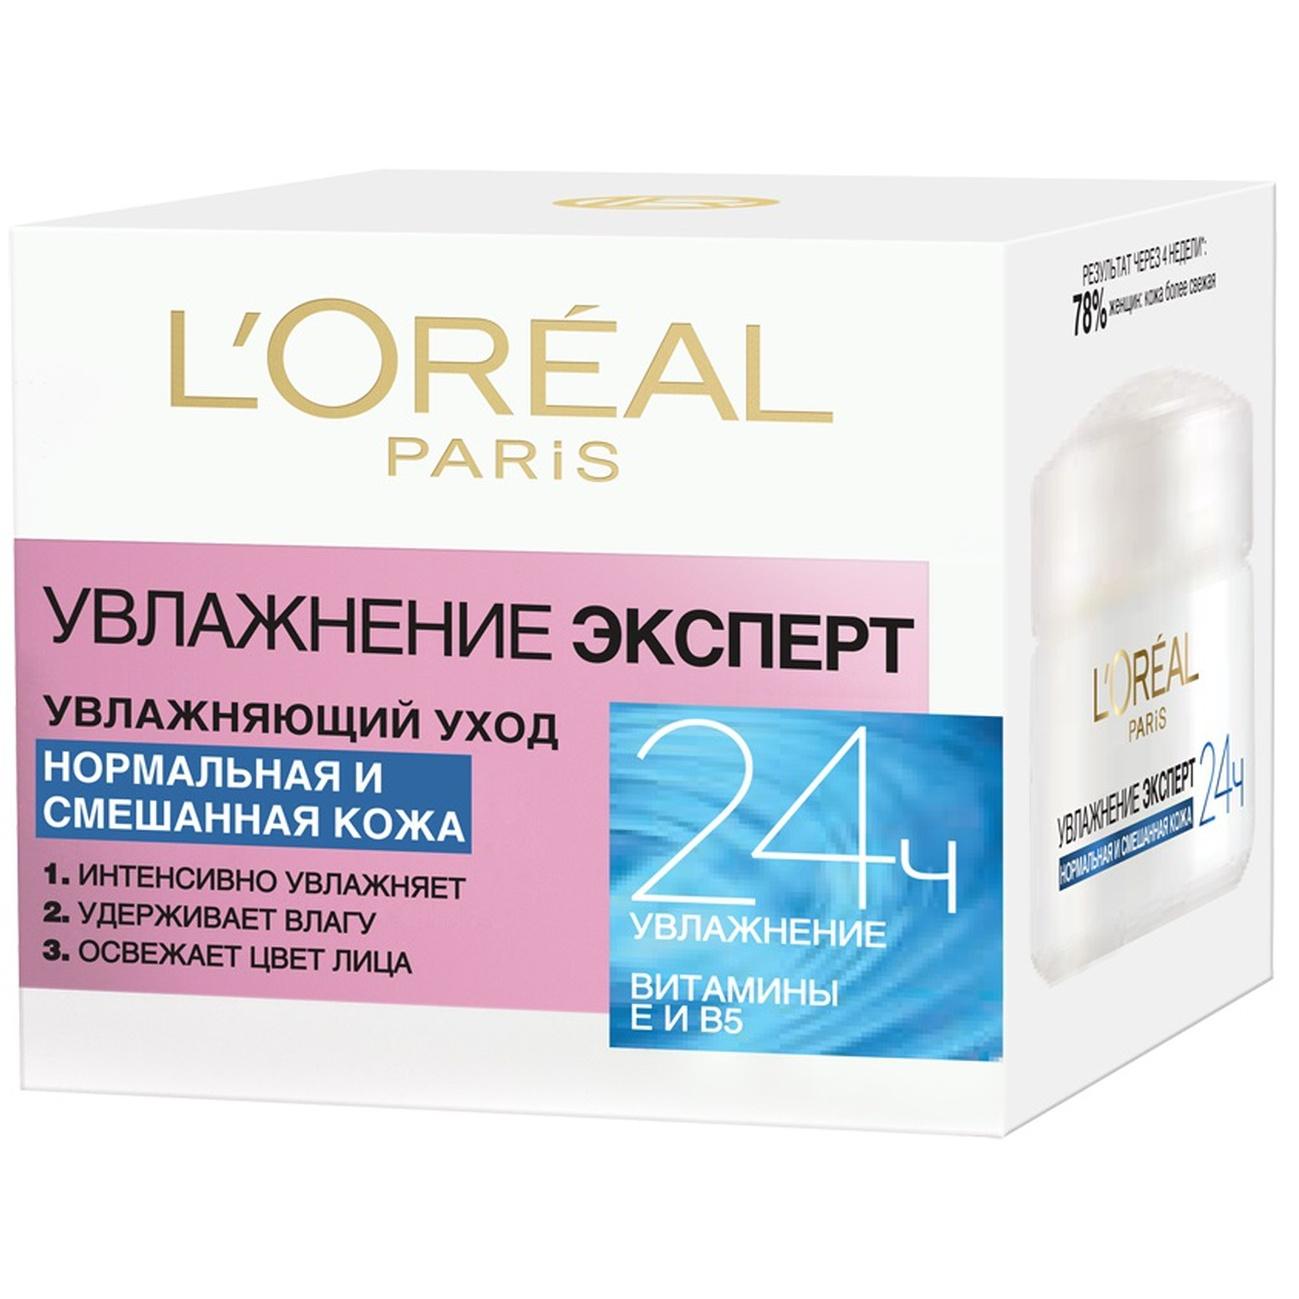 Купить Крем для лица L'Oreal Paris для нормальной и смешанной кожи Увлажнение Эксперт 50 мл, увлажнение Эксперт Для нормальной и смешанной кожи Дневной